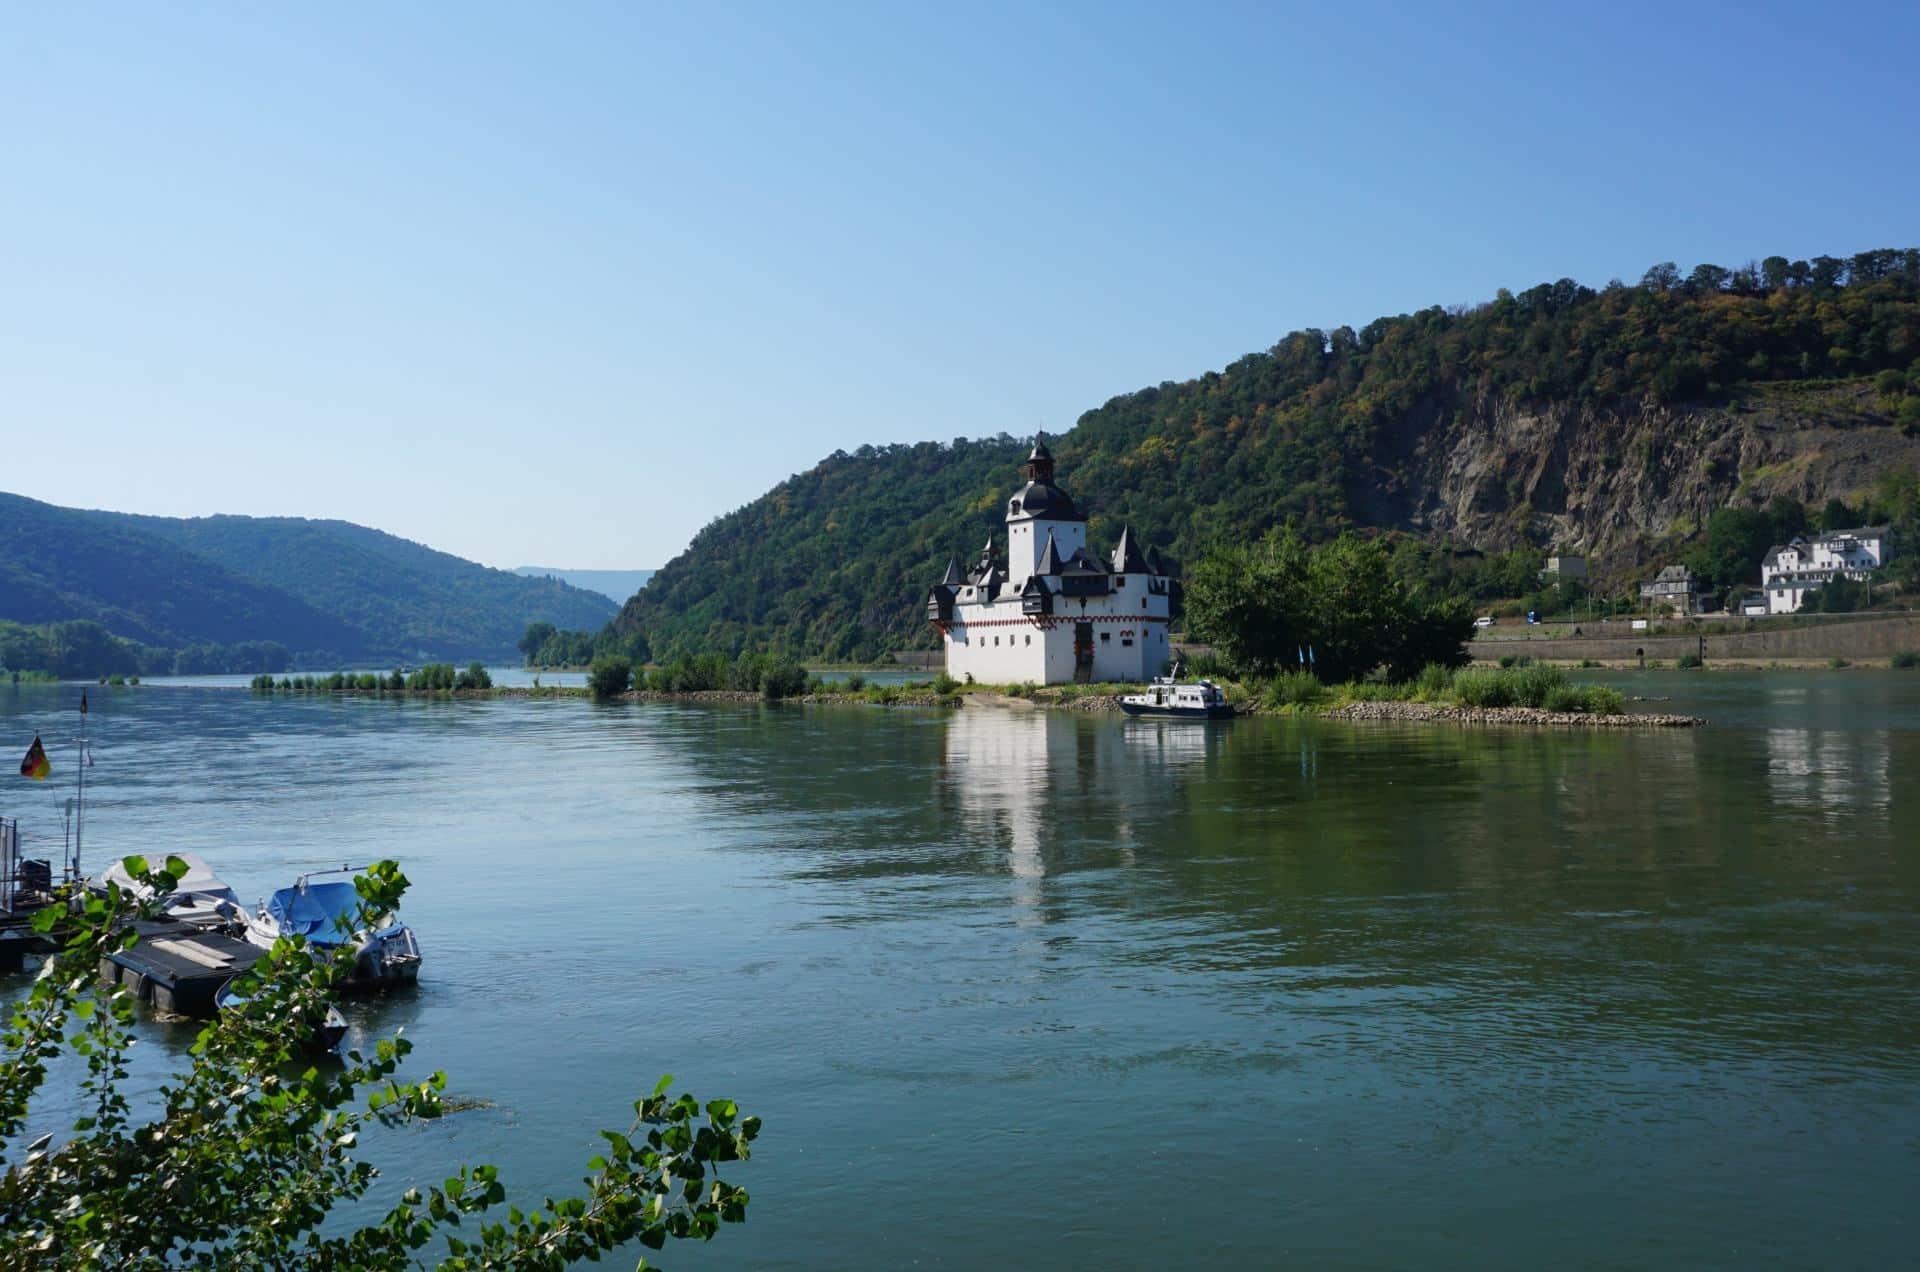 Burg Pfalzgrafenstein in Kaub Burgen am Rhein